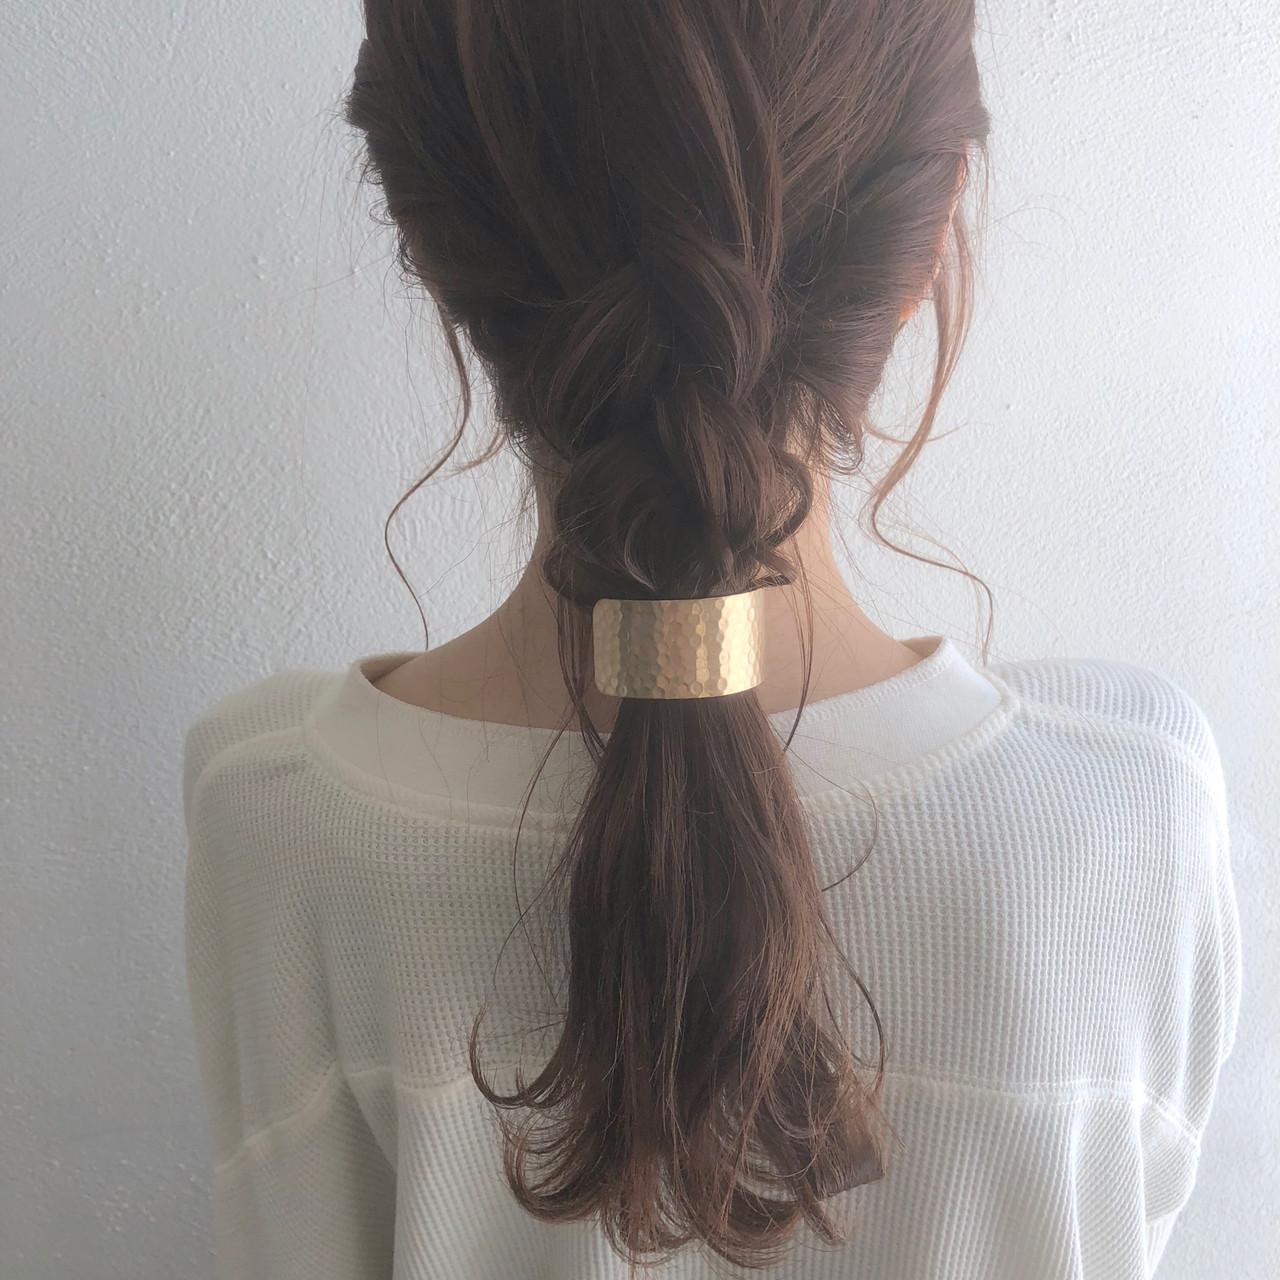 アンニュイほつれヘア 波巻き ヘアアレンジ ロング ヘアスタイルや髪型の写真・画像 | Daiki Yamashita / vicca